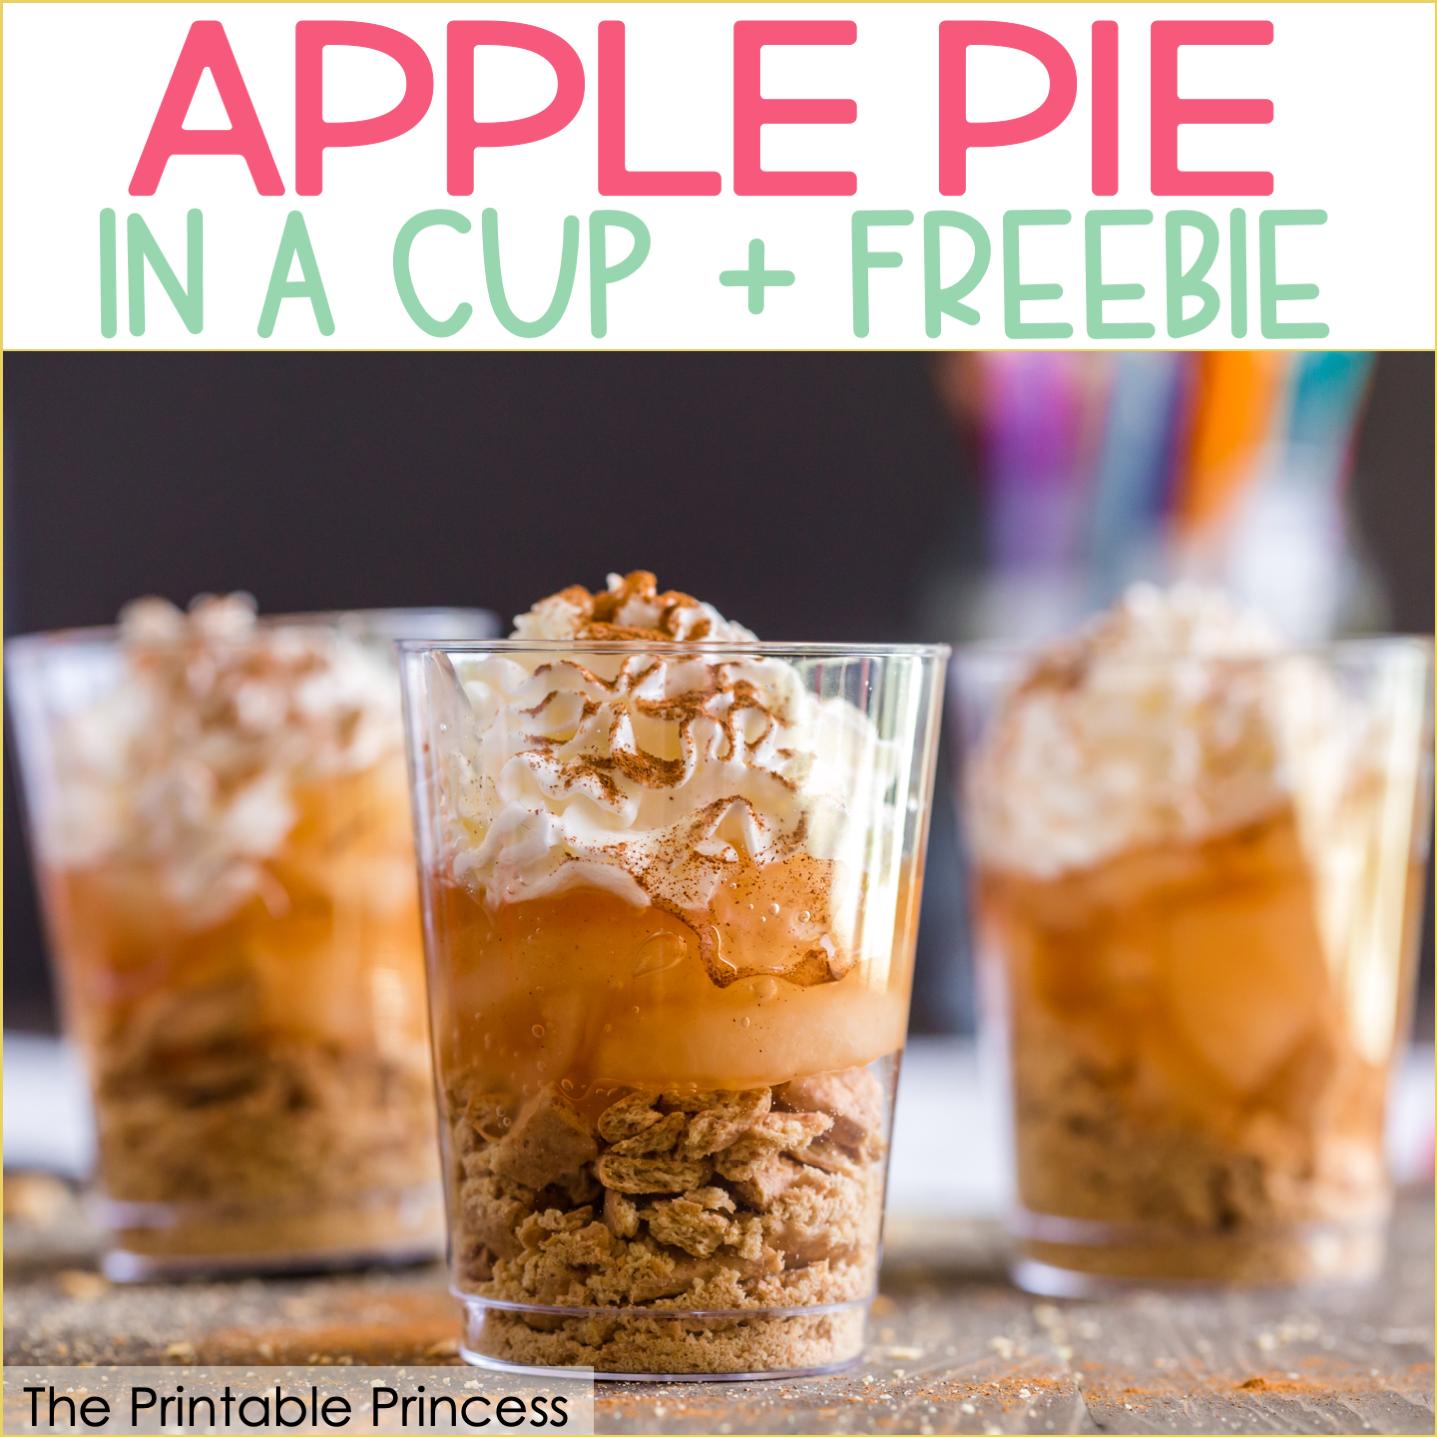 Apple Pie in a Cup + Freebie